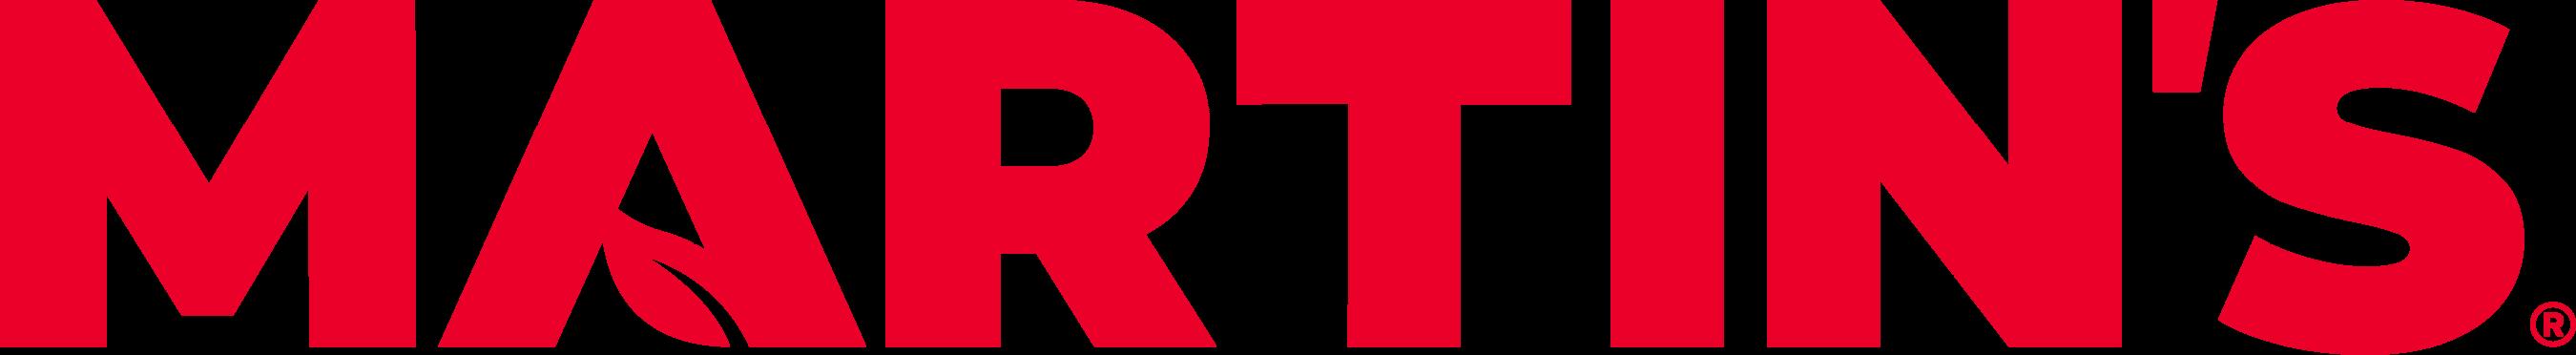 GIANT Martin's logo